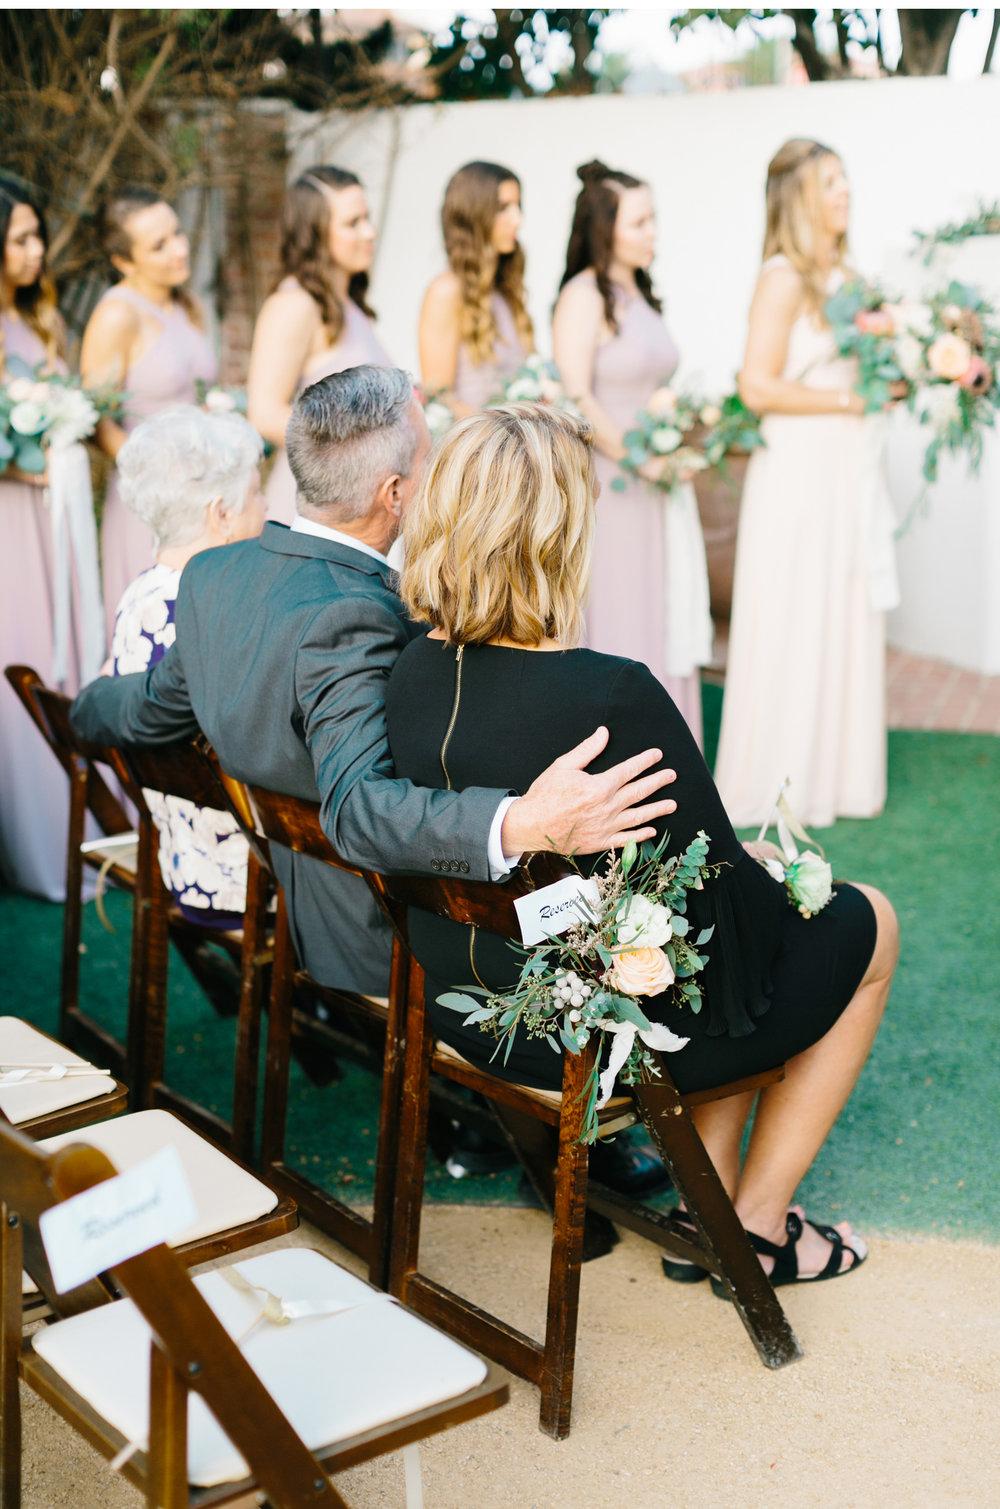 The-Casino-San-Clemente-Wedding-Natalie-Schutt-Photography_04.jpg